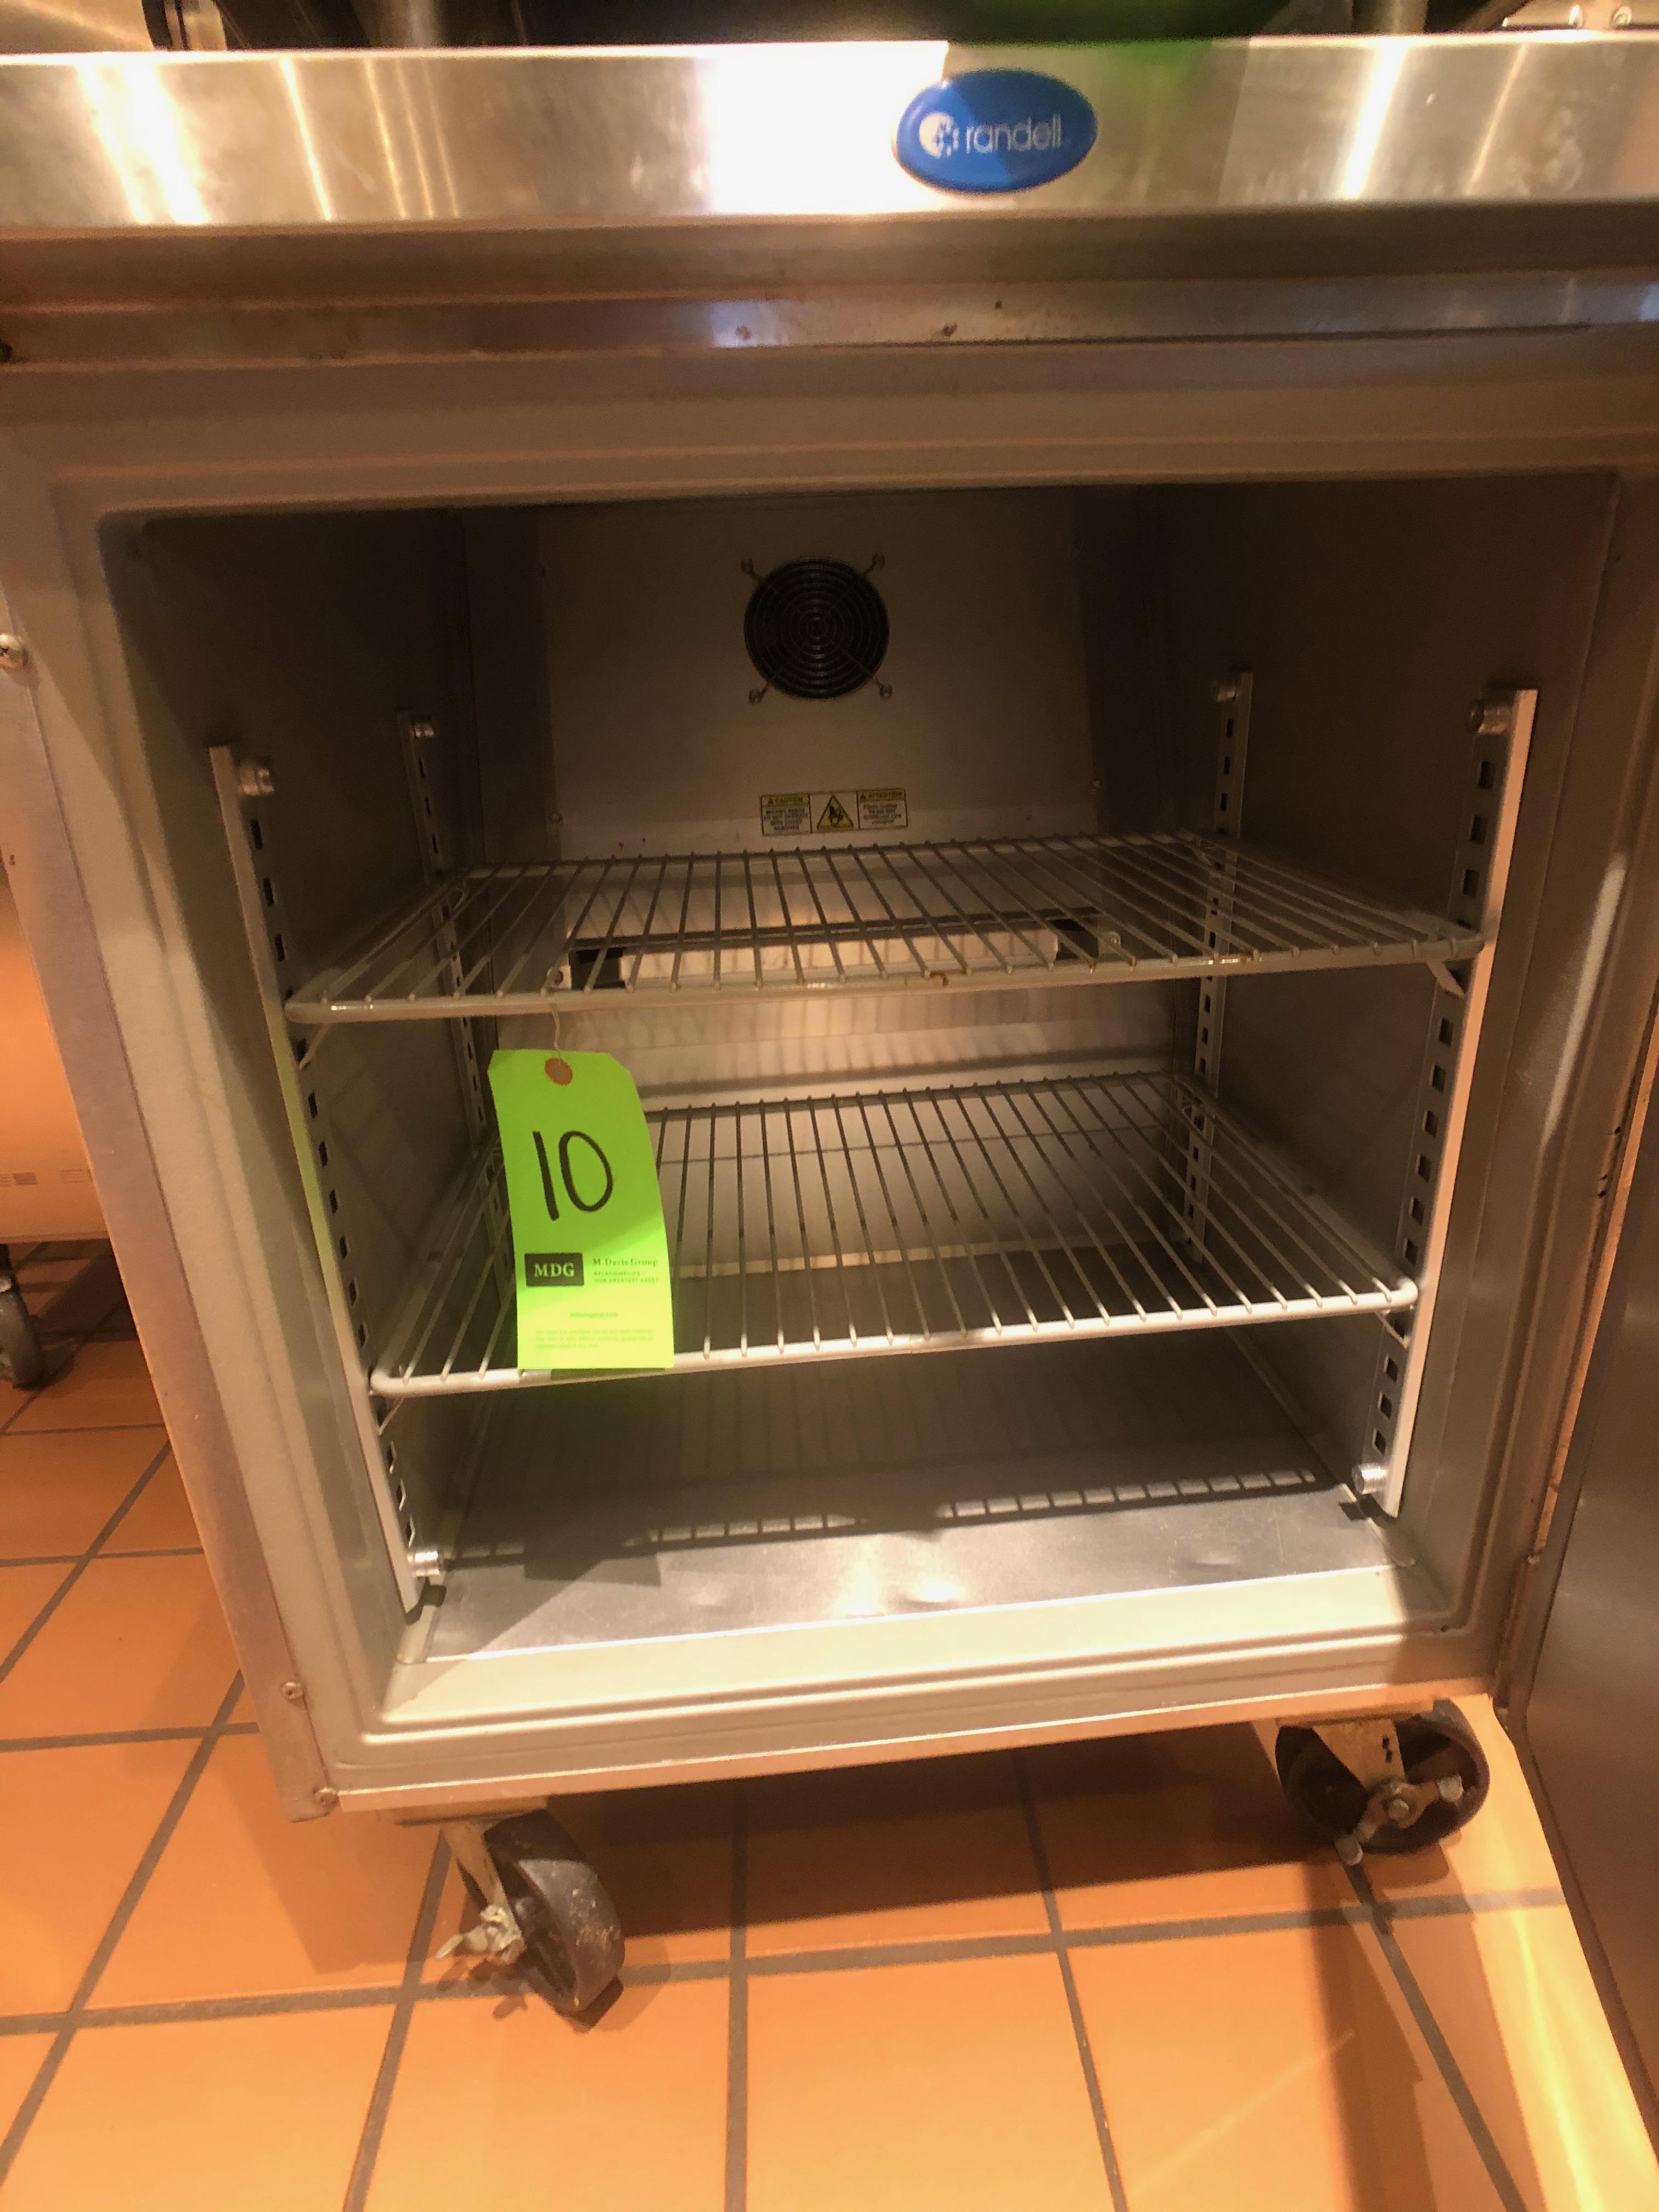 """Randell Single Door Worktop Refrigerator, Model 9402-7, S/N W1041751-1, 27"""" W x 30"""" D x 36"""" H - Image 4 of 5"""